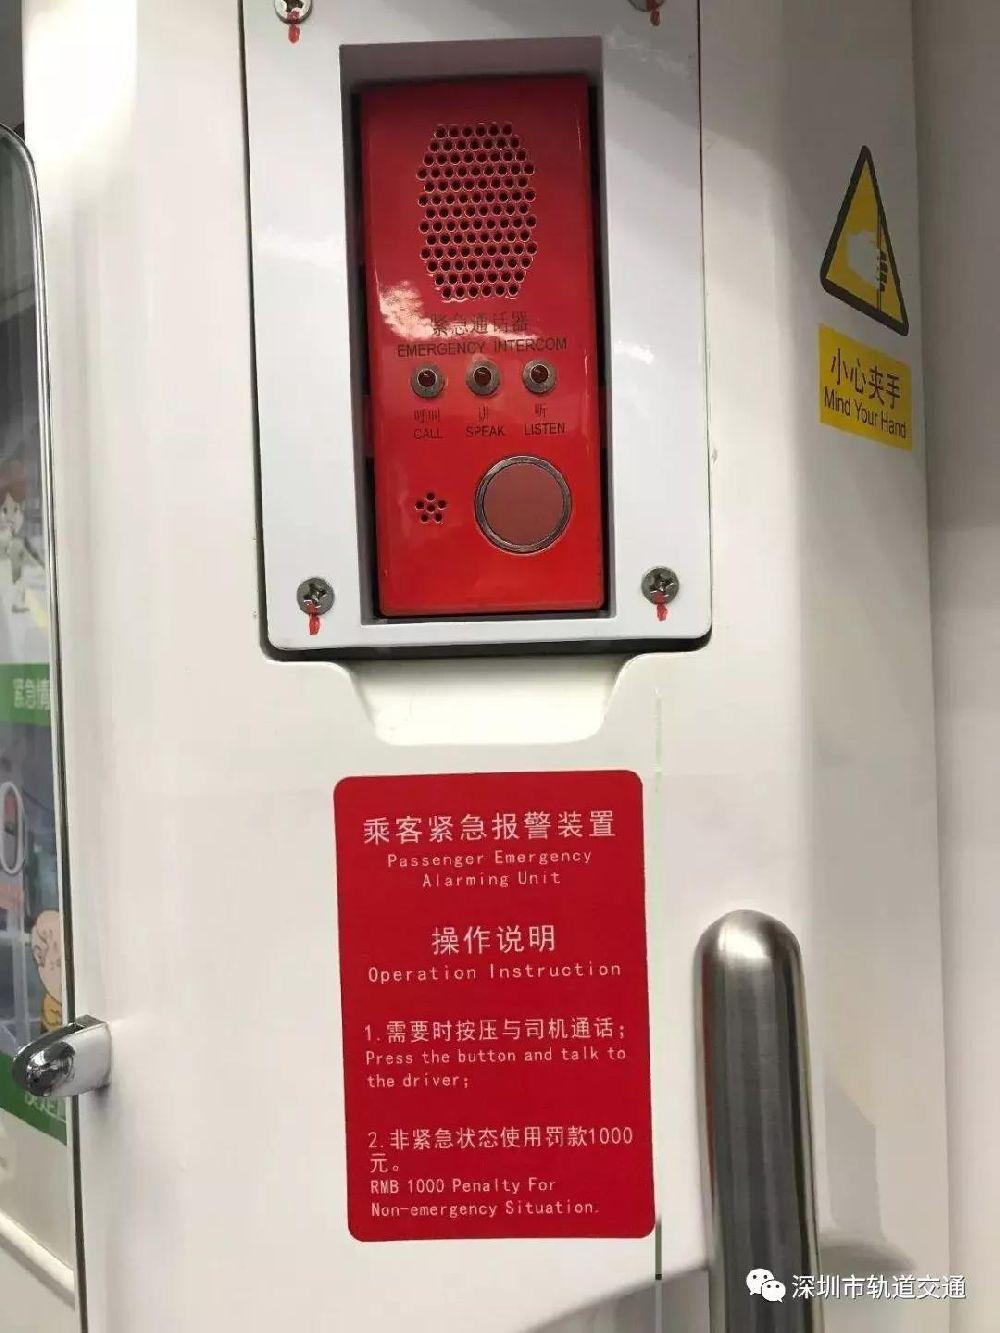 地铁上这些按钮可不能乱按哦